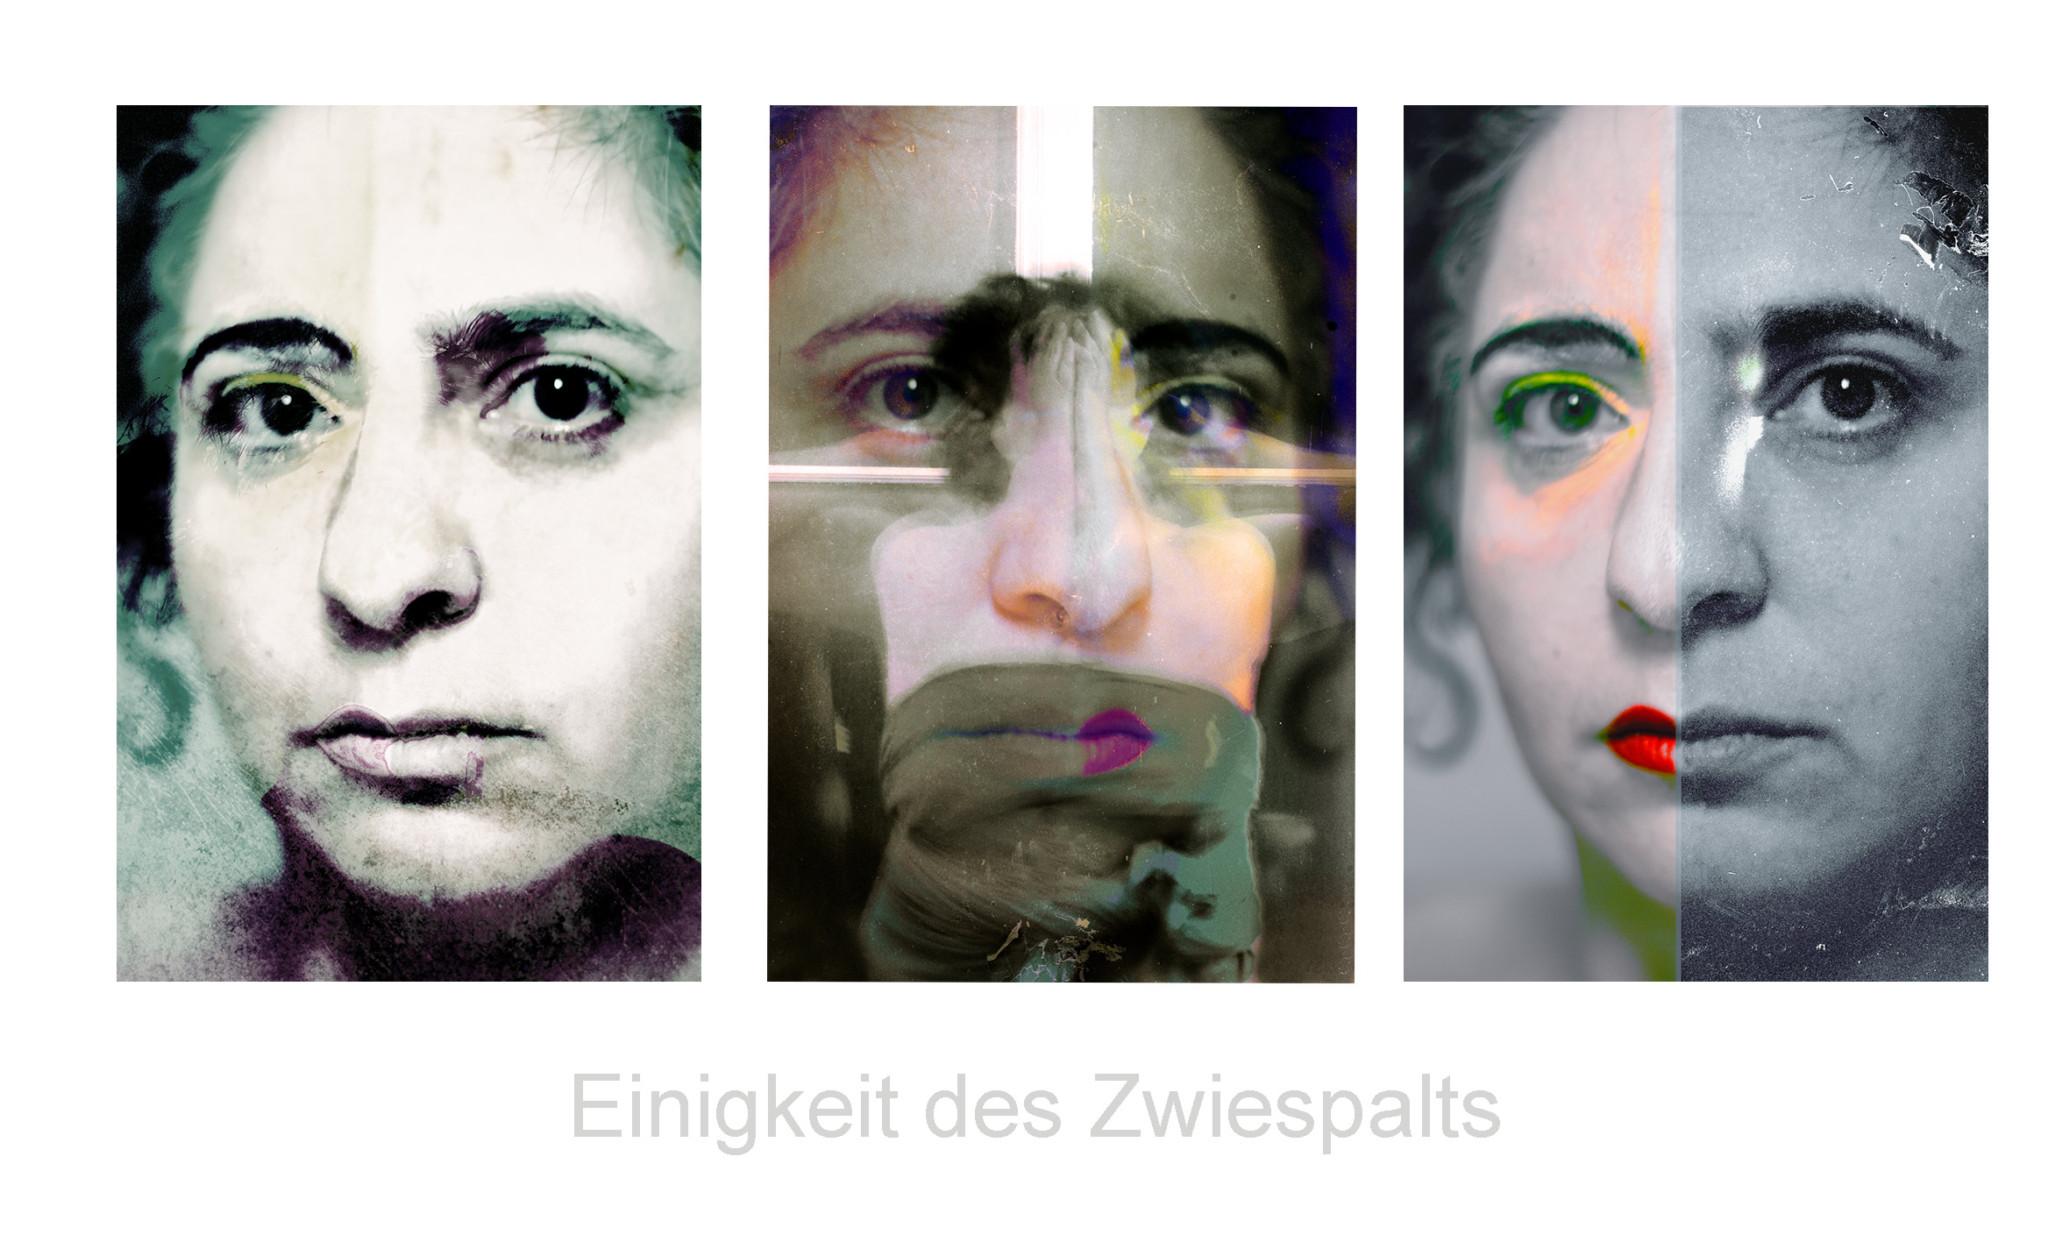 Merna El-Mohasel - Einigkeit des Zwiespalts